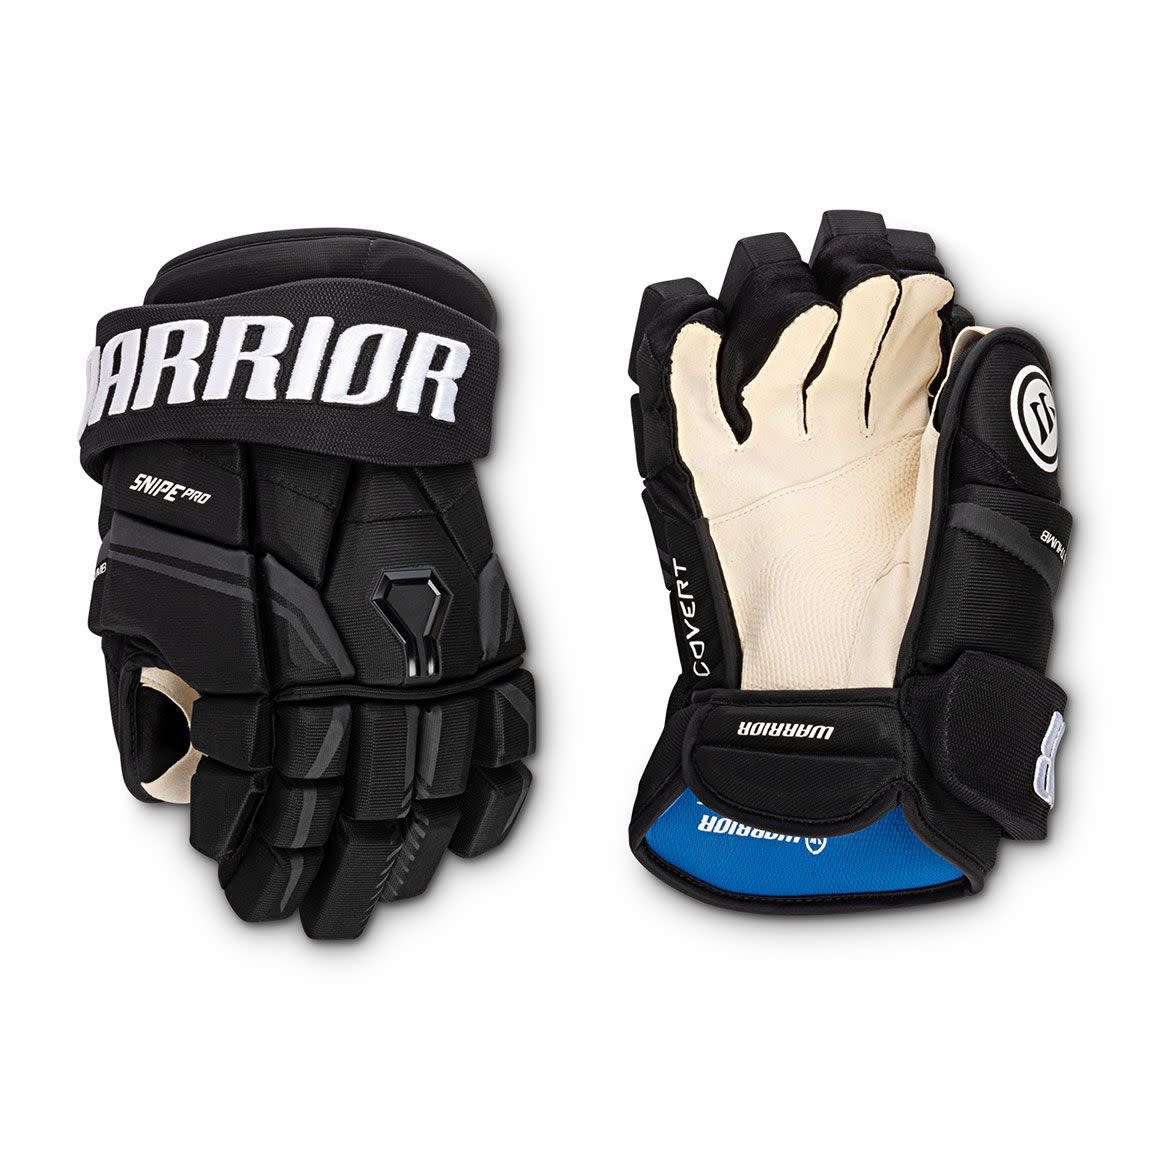 Warrior GLOVE JR WARRIOR SNIPE PRO S20